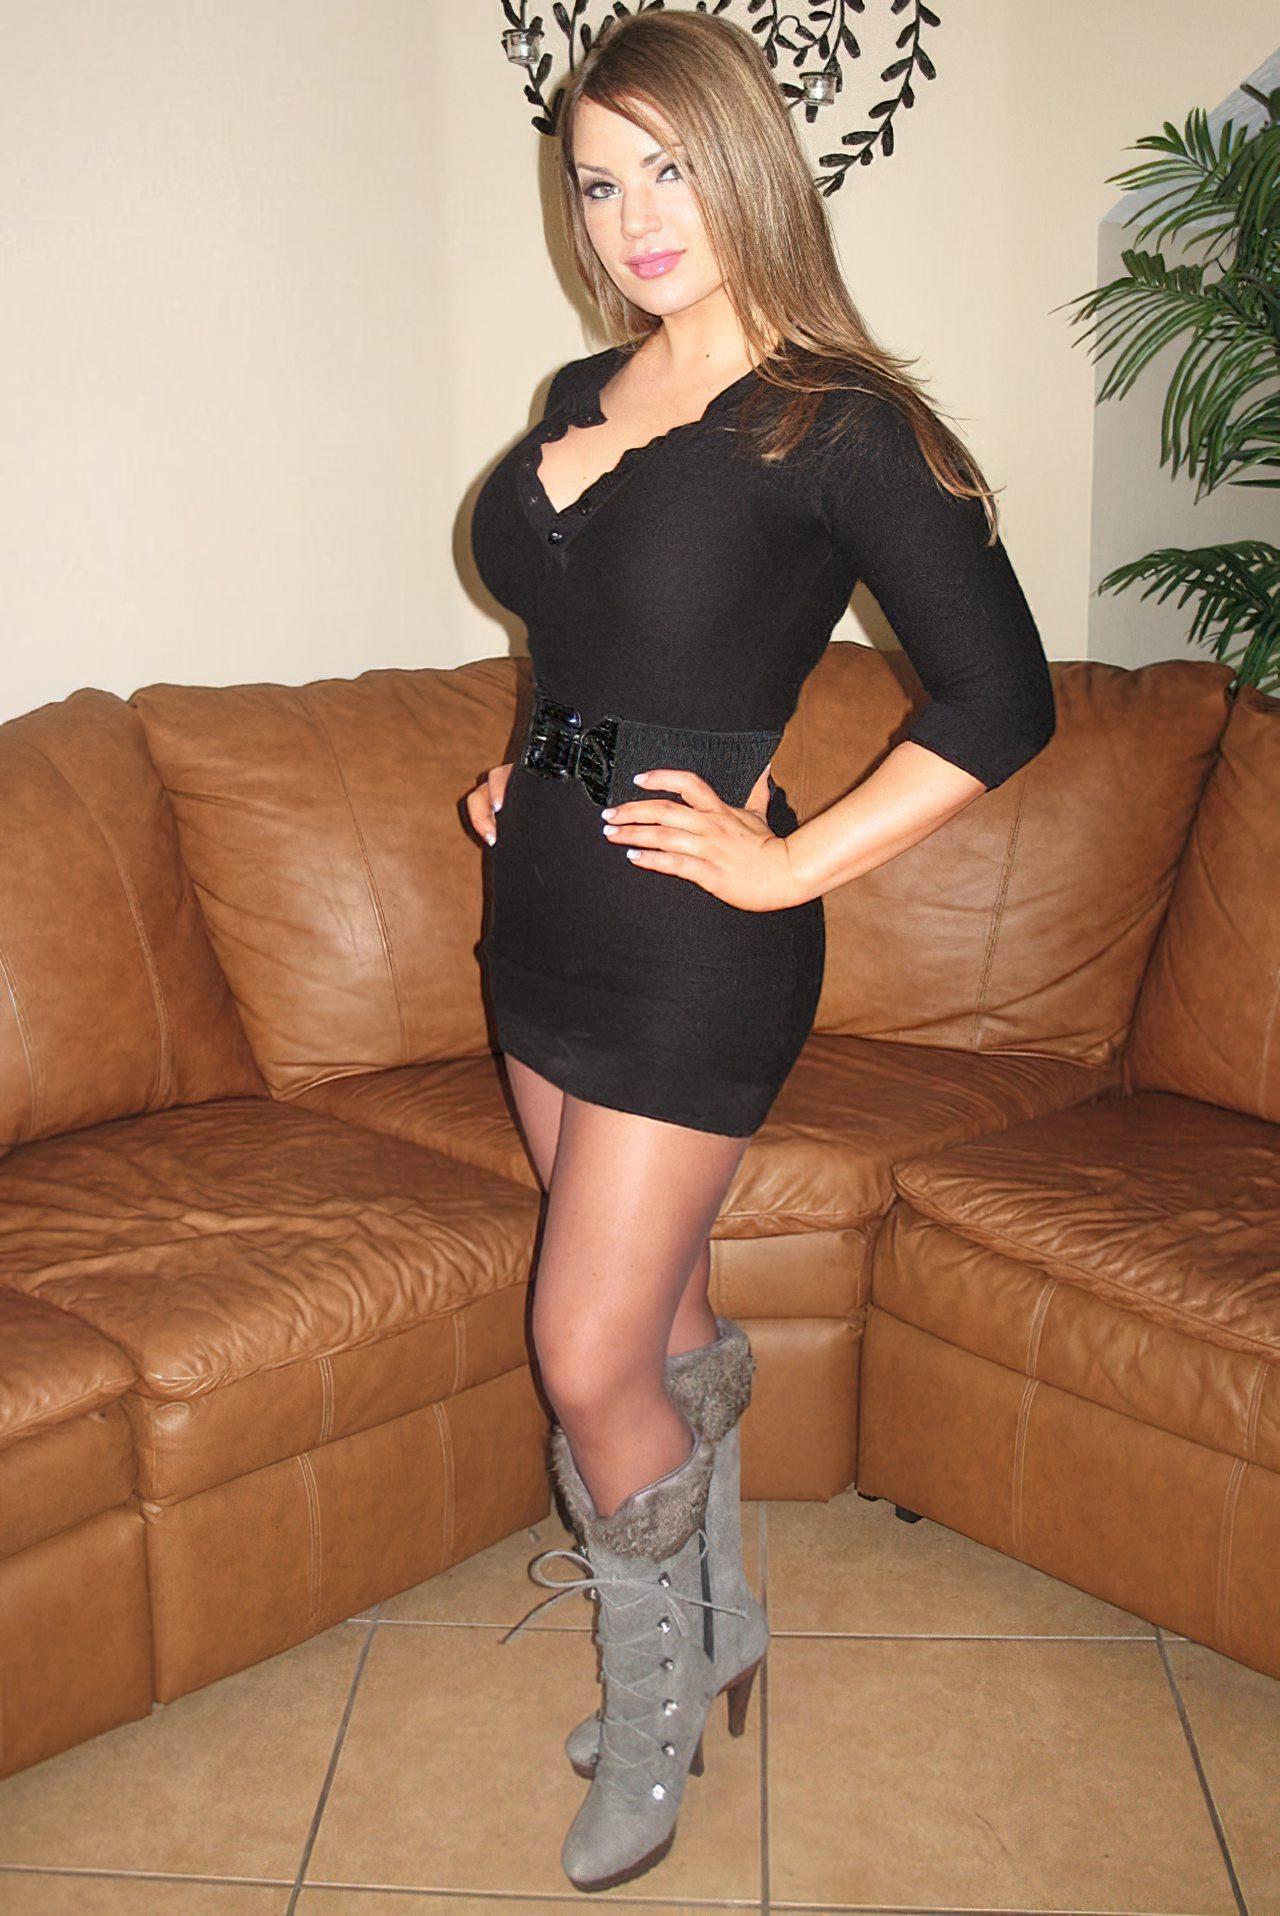 Namorada Safadinha (36)